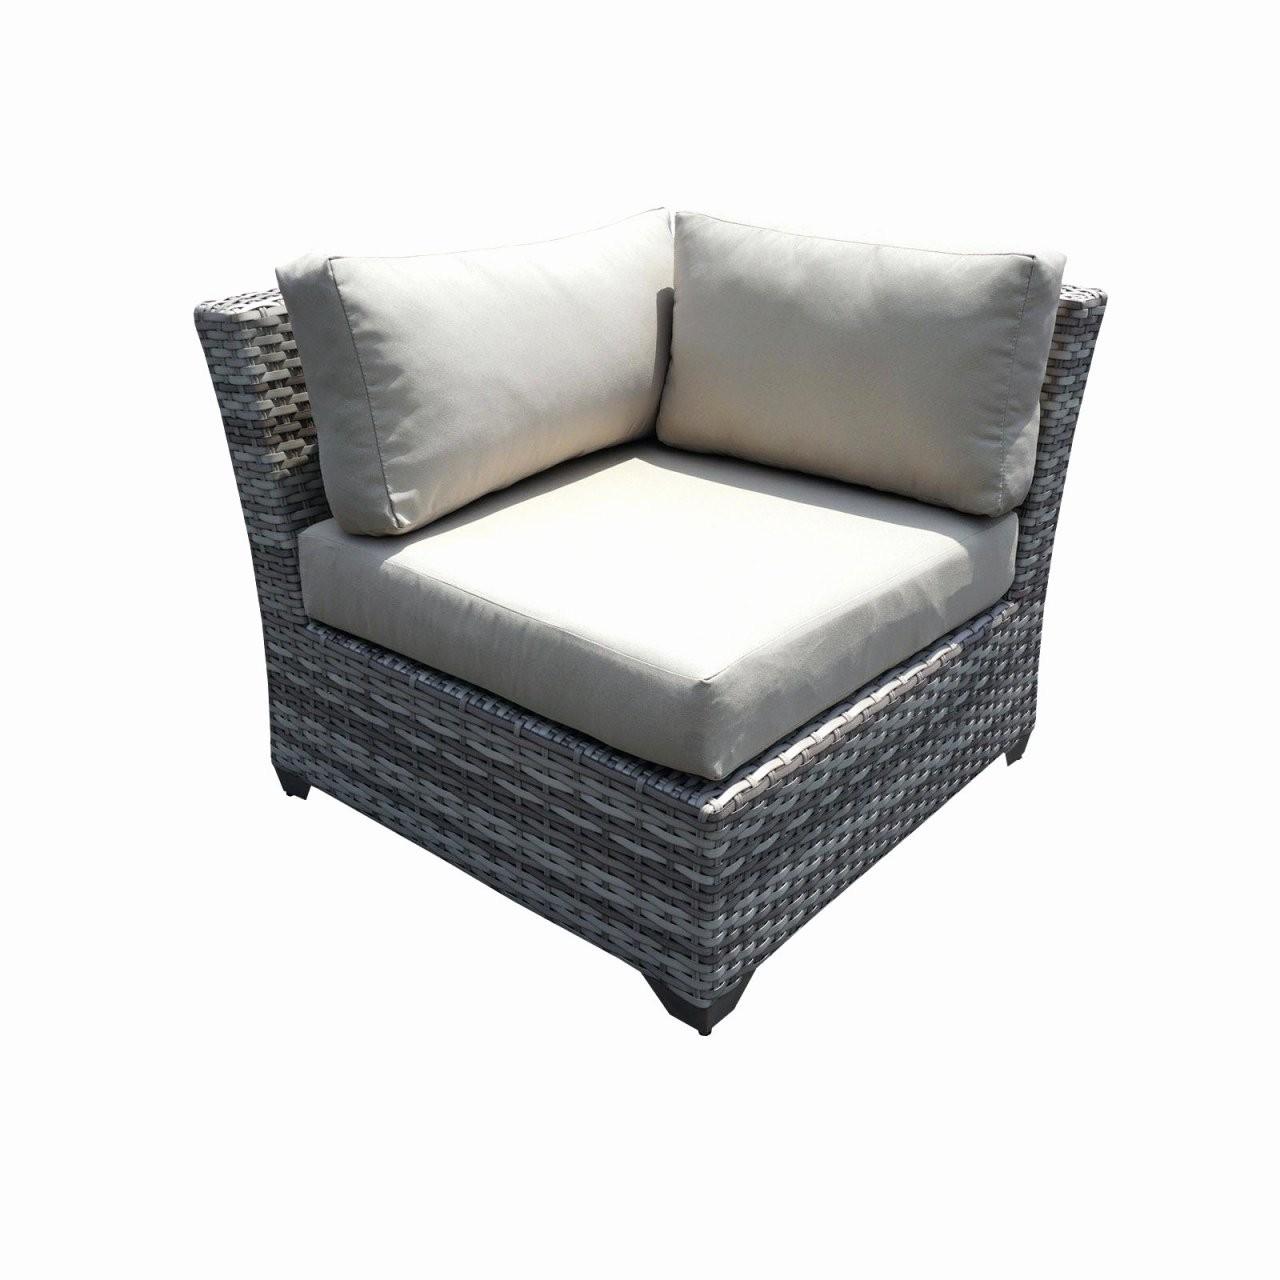 Sofa Schlaffunktion Frisch Rattan Couch Mit Schlaffunktion von Ikea Wohnlandschaft Mit Schlaffunktion Photo